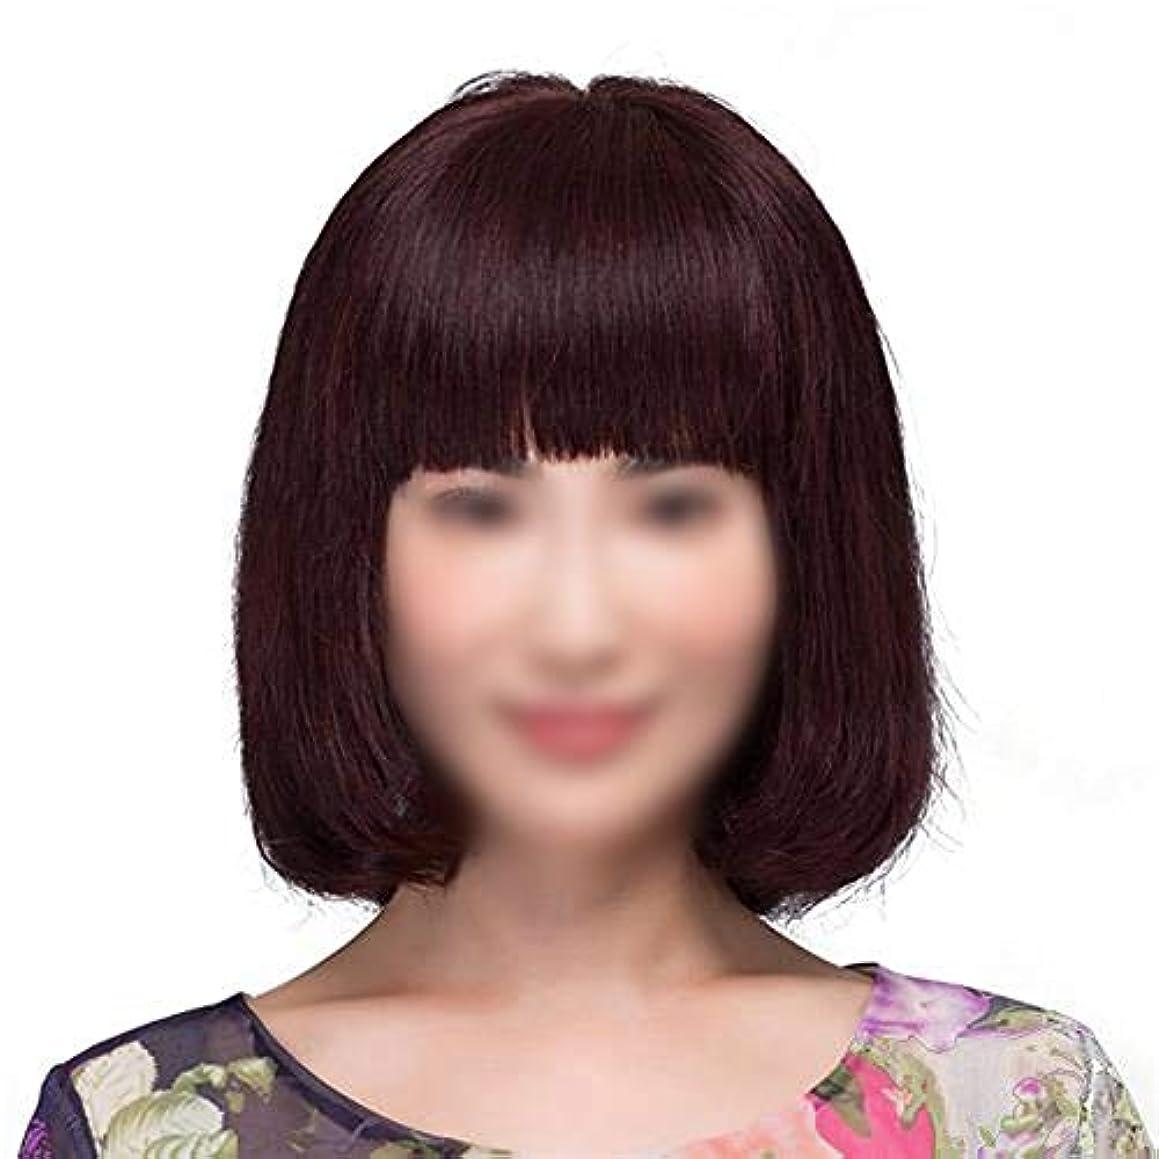 設計図受付ロードされたYOUQIU 女子ショートストレートヘアーボブウィッグレアル髪ふわふわナチュラル鎖骨Hairdailyドレスウィッグ (色 : Dark brown)